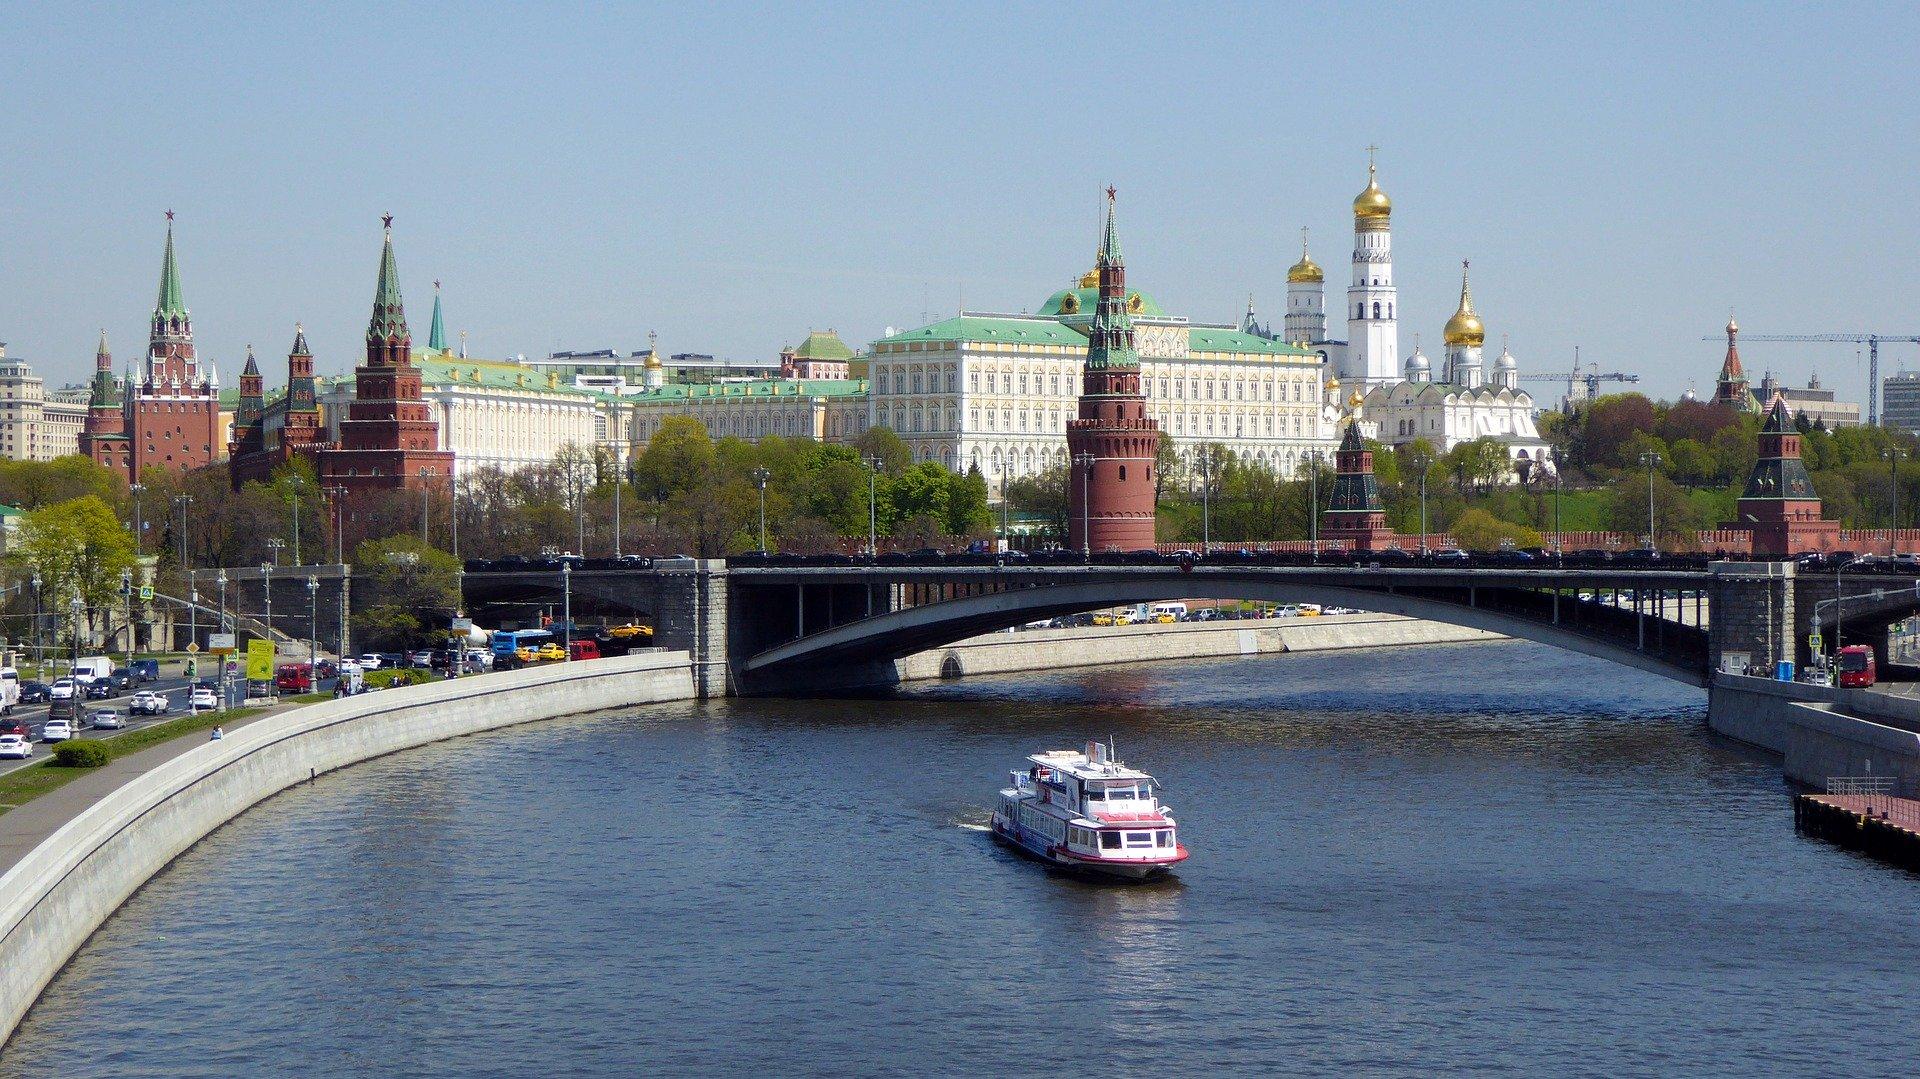 שייט נהרות: וולגה - סנט פטרסבורג - מוסקבה  | 3.9.20 | 2090 דולר | 11 ימים, 10 לילות | MS CRUCELAKE